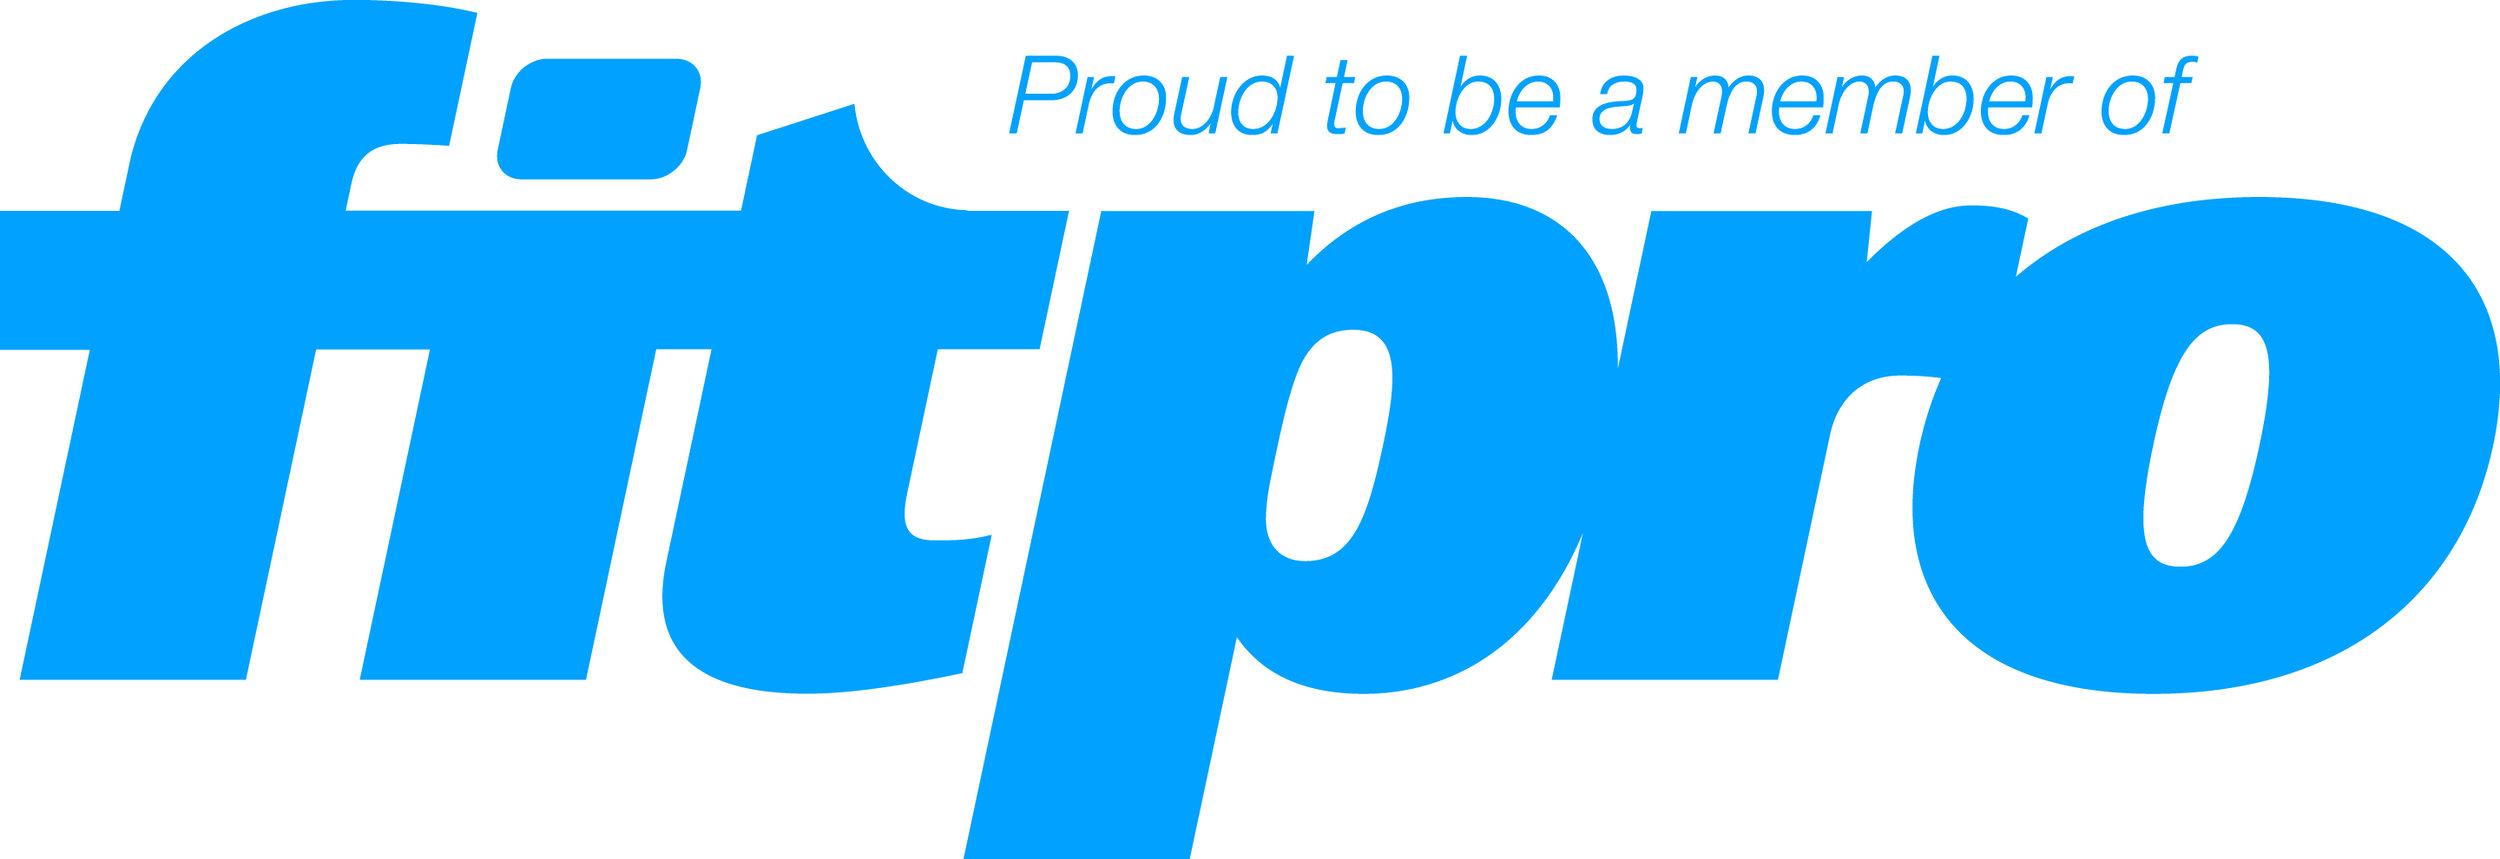 FitPro-member-cmyk.jpg